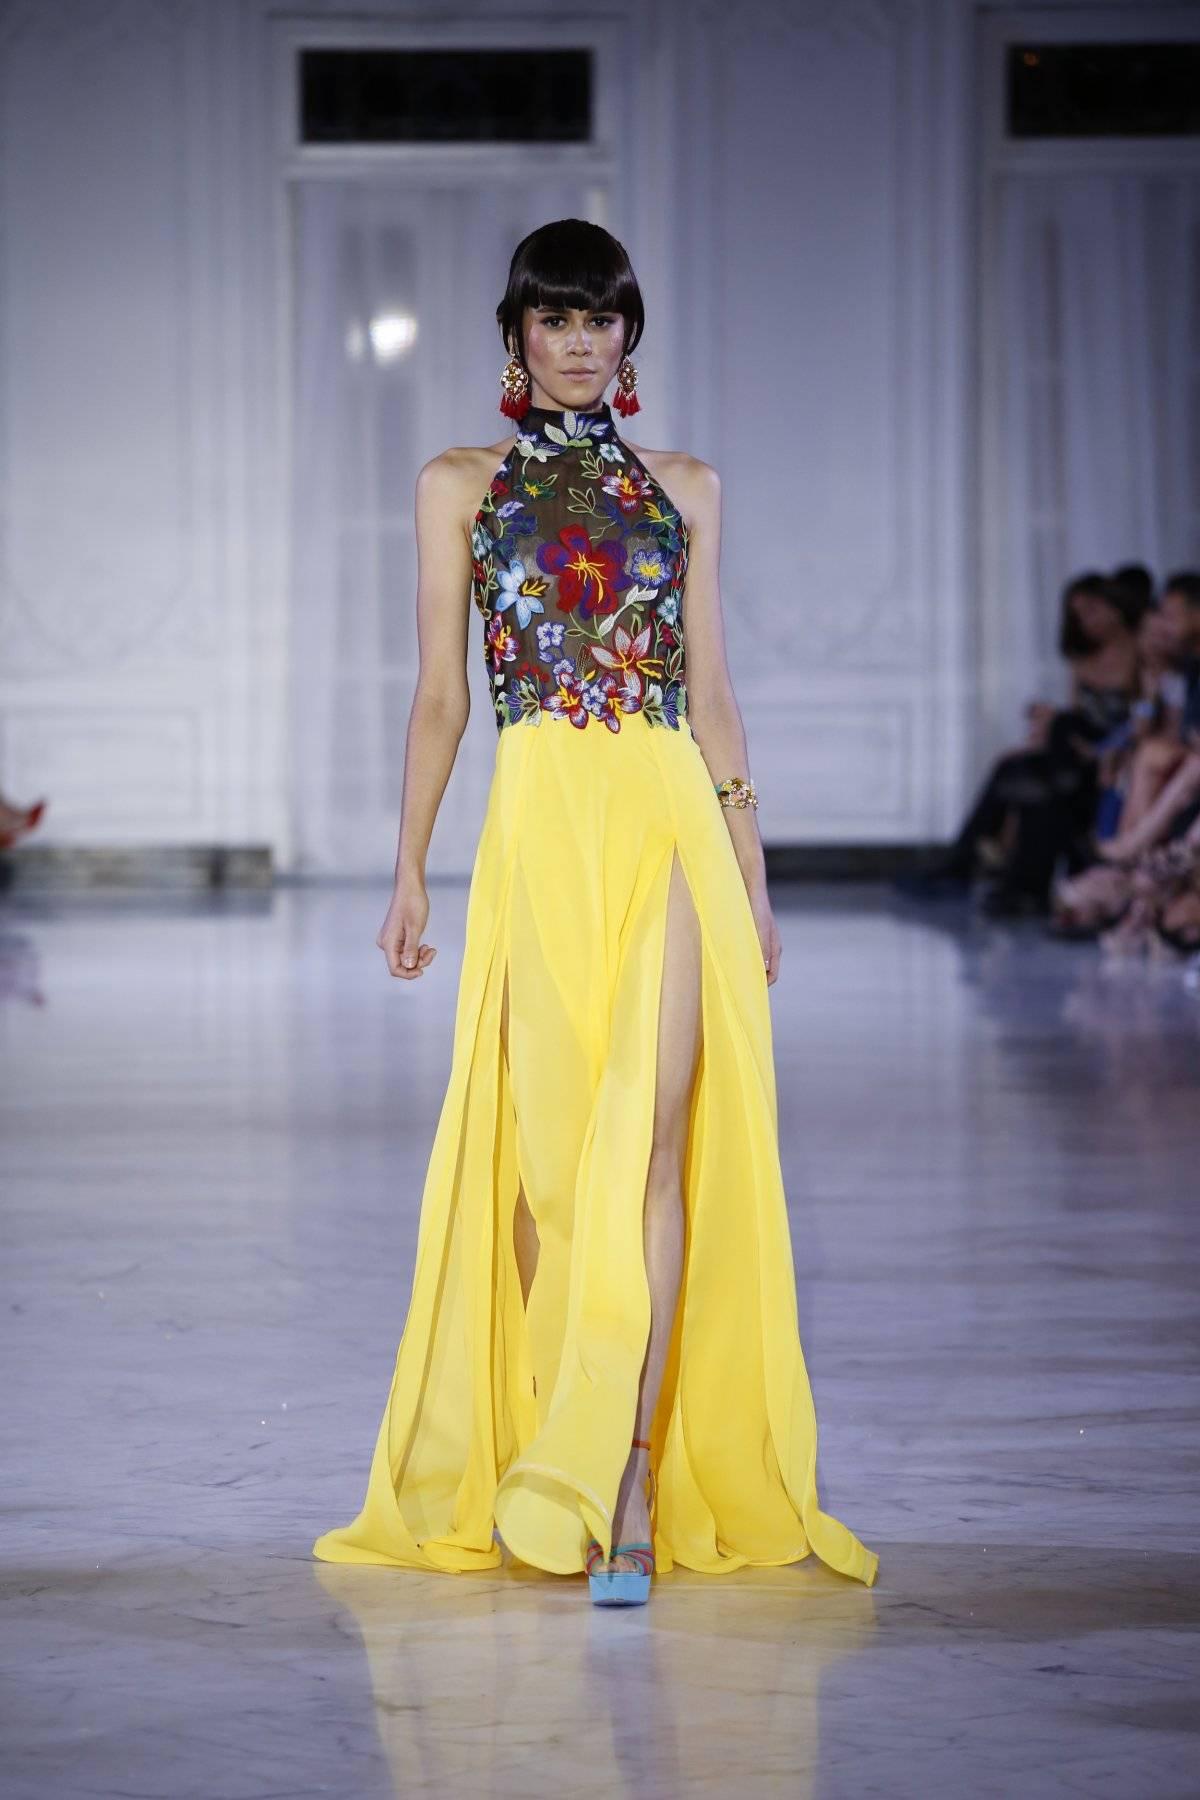 Vestido en tul estampado en flores con falda abierta en georgette amarillo / Foto: SanJuan Moda-Jessica Cristina